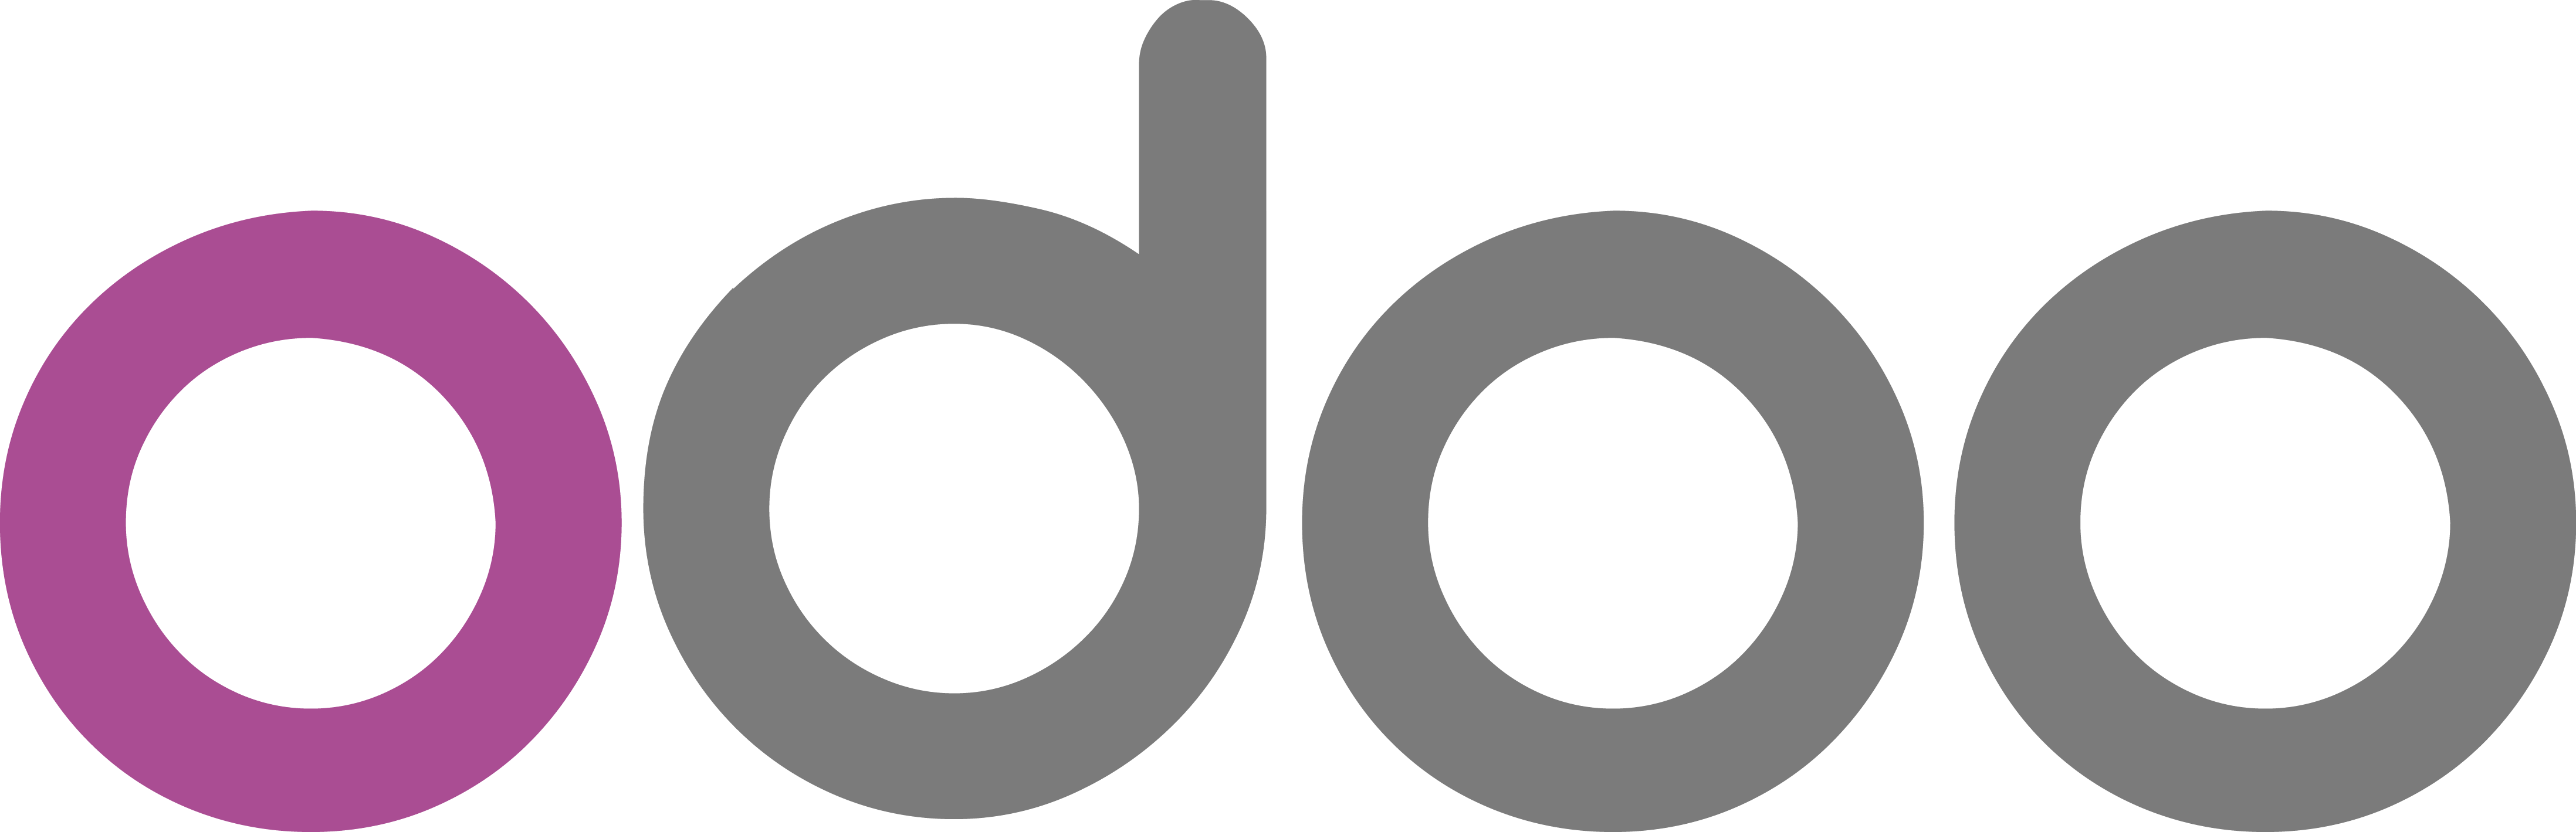 如何在Ubuntu 20.04上部署Odoo 14